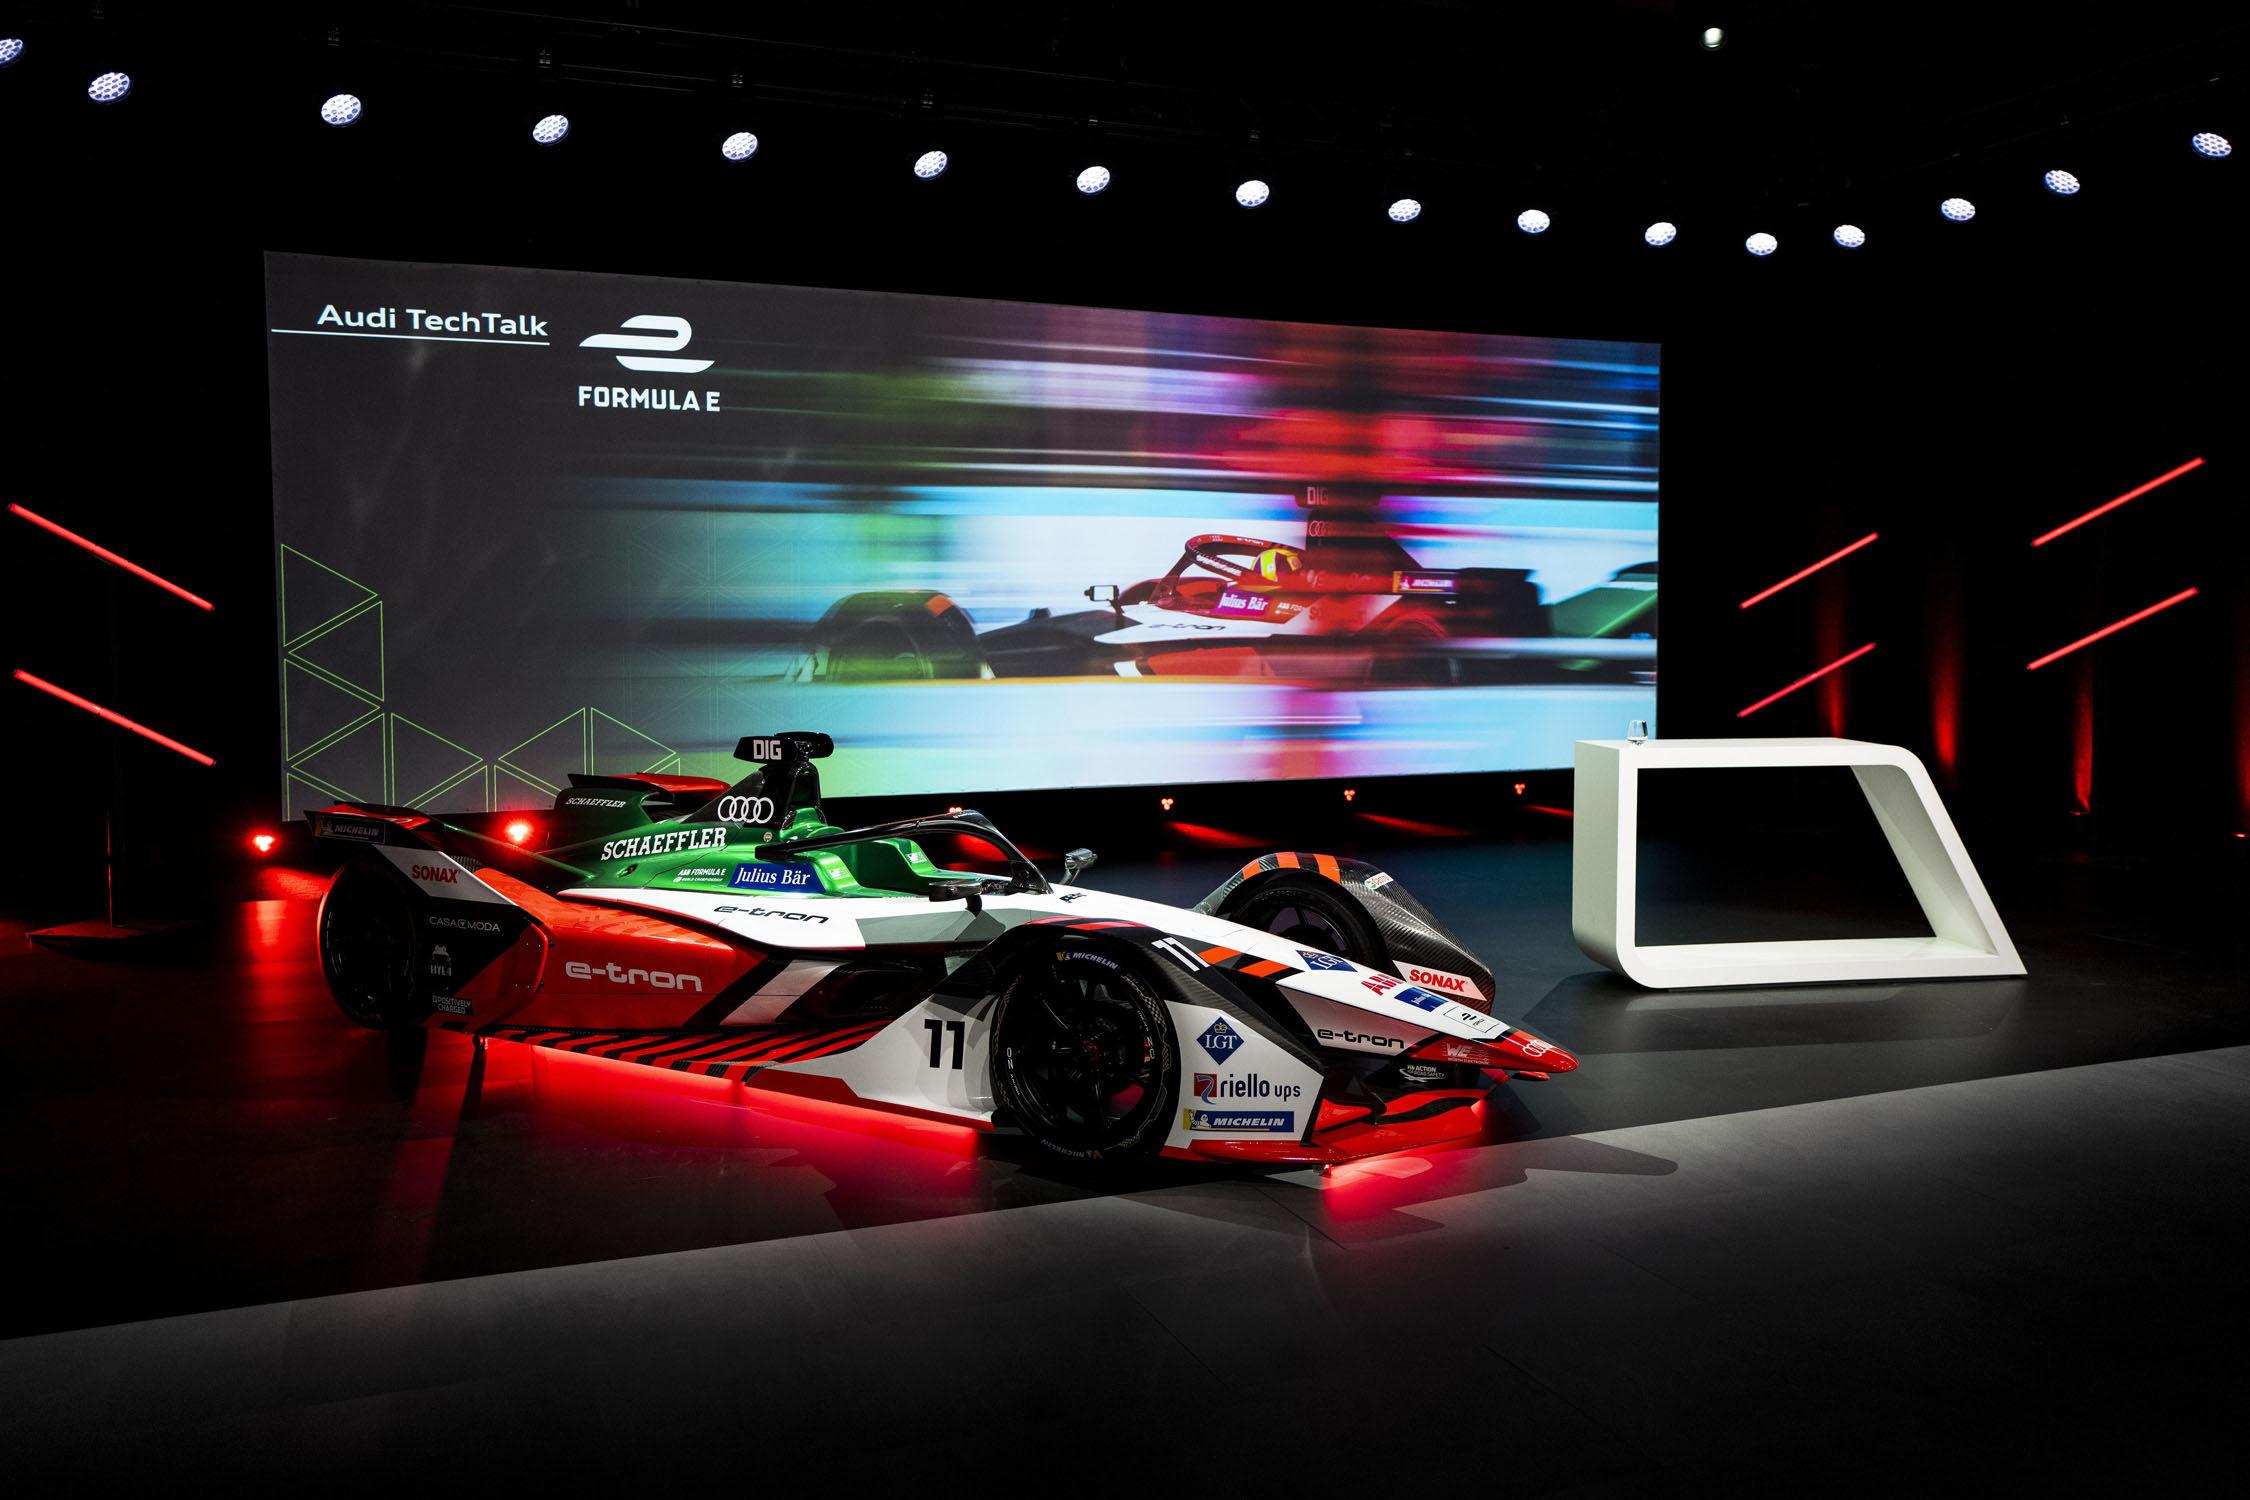 Audi délaisse la Formula E pour le Dakar et le LMDh!